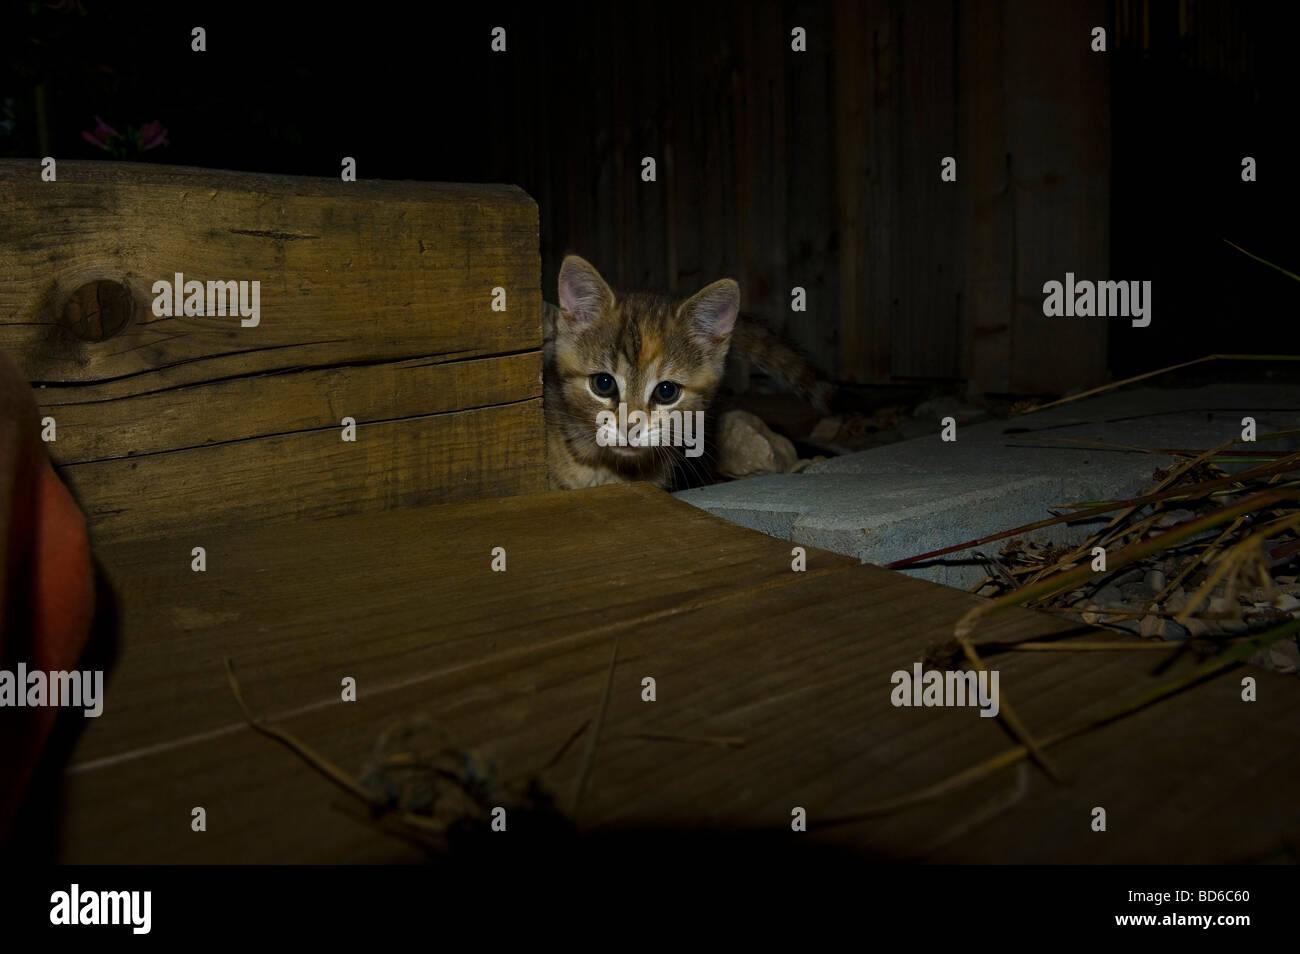 Los jóvenes marrón gato pelado en ambiente nocturno ojos gatito laicos exterior sentar mirar en busca Imagen De Stock